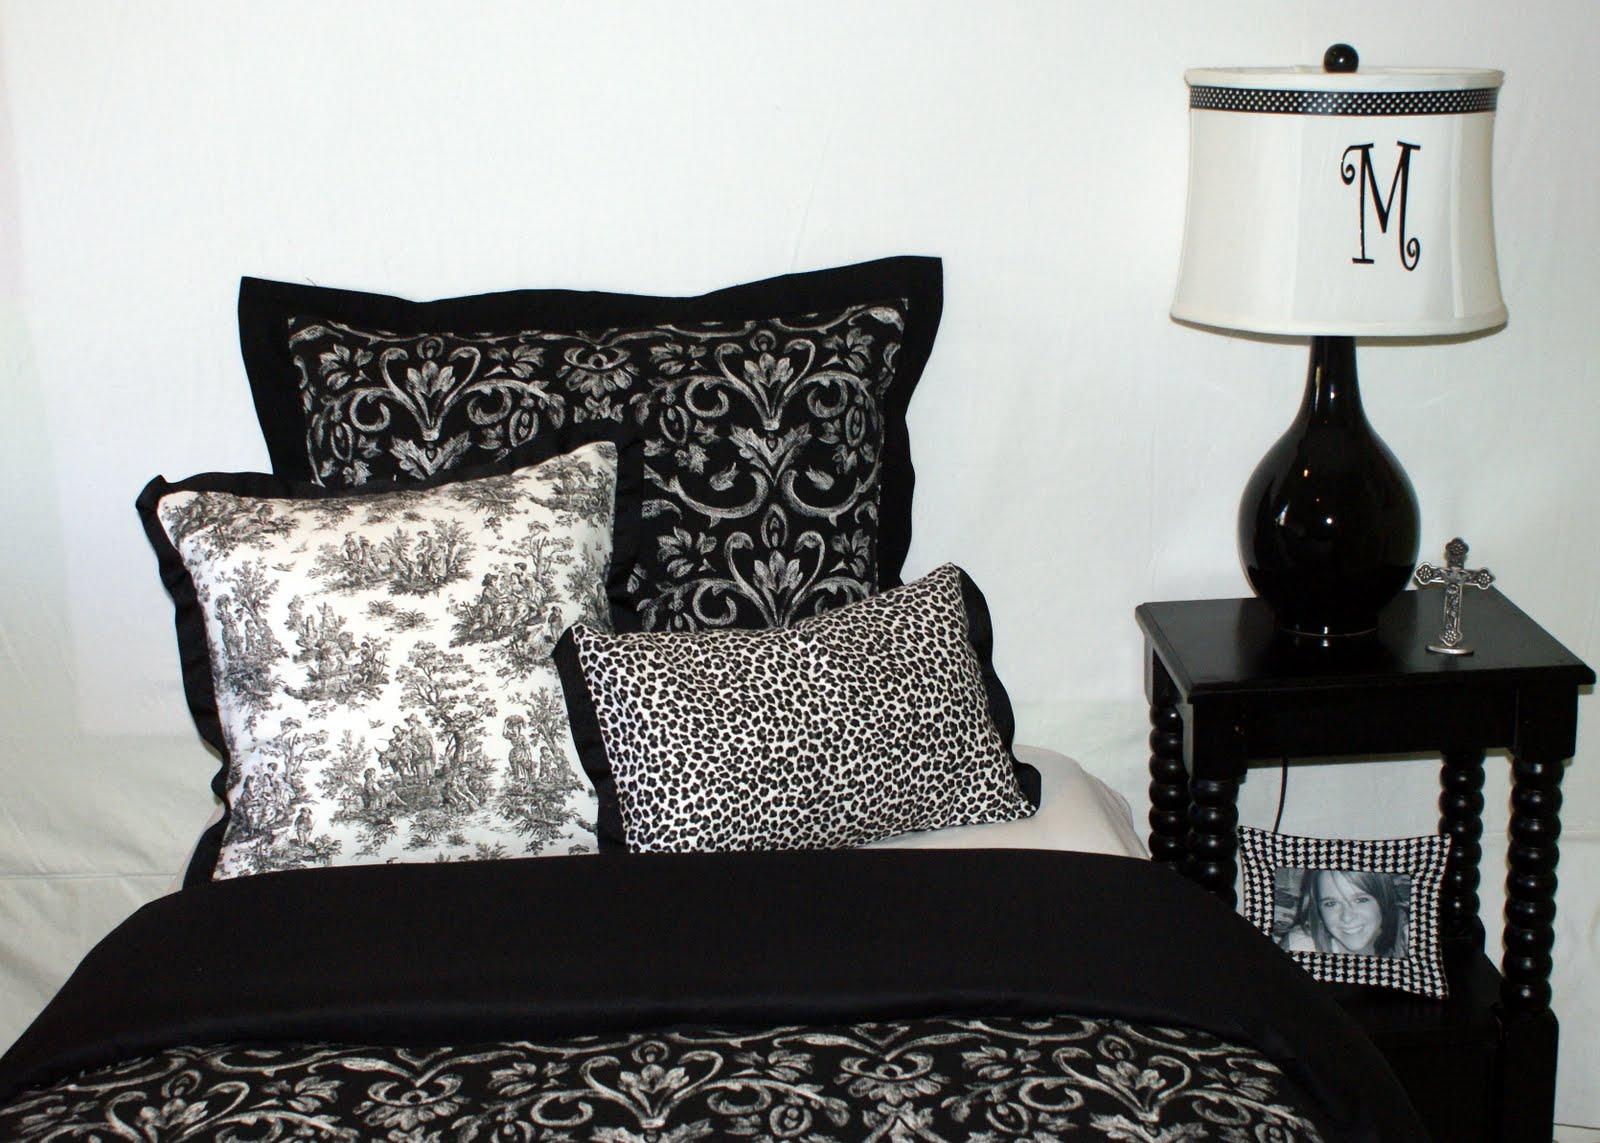 Dorm Bedding Decor Decor 2 Ur Door Decorating Your College Dorm Room Is Challenging